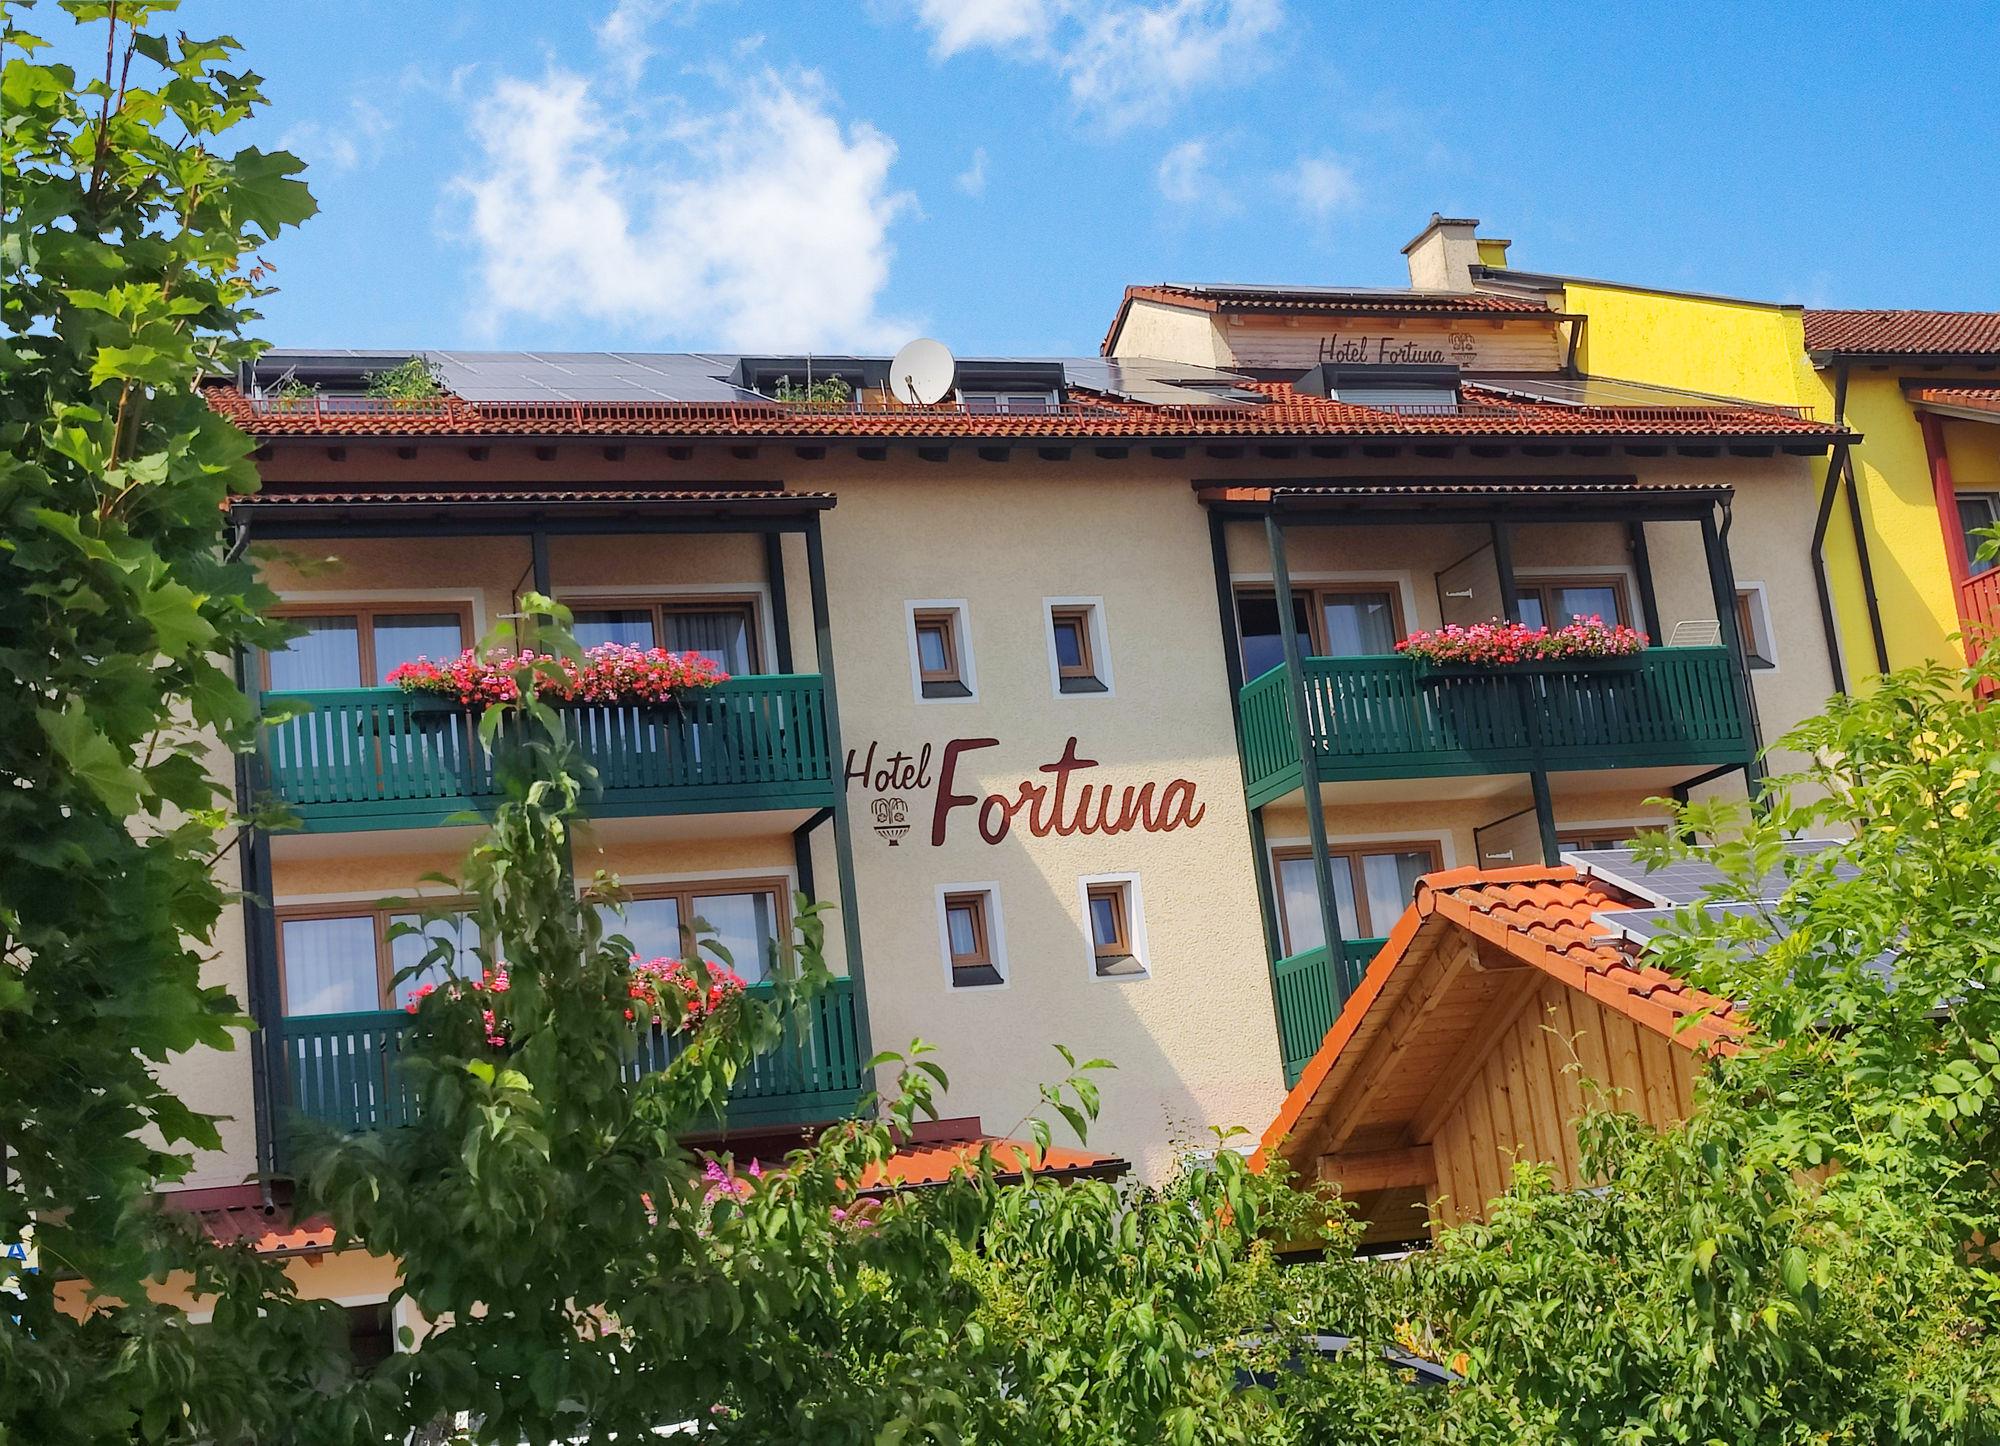 Hotel Fortuna im Grünen